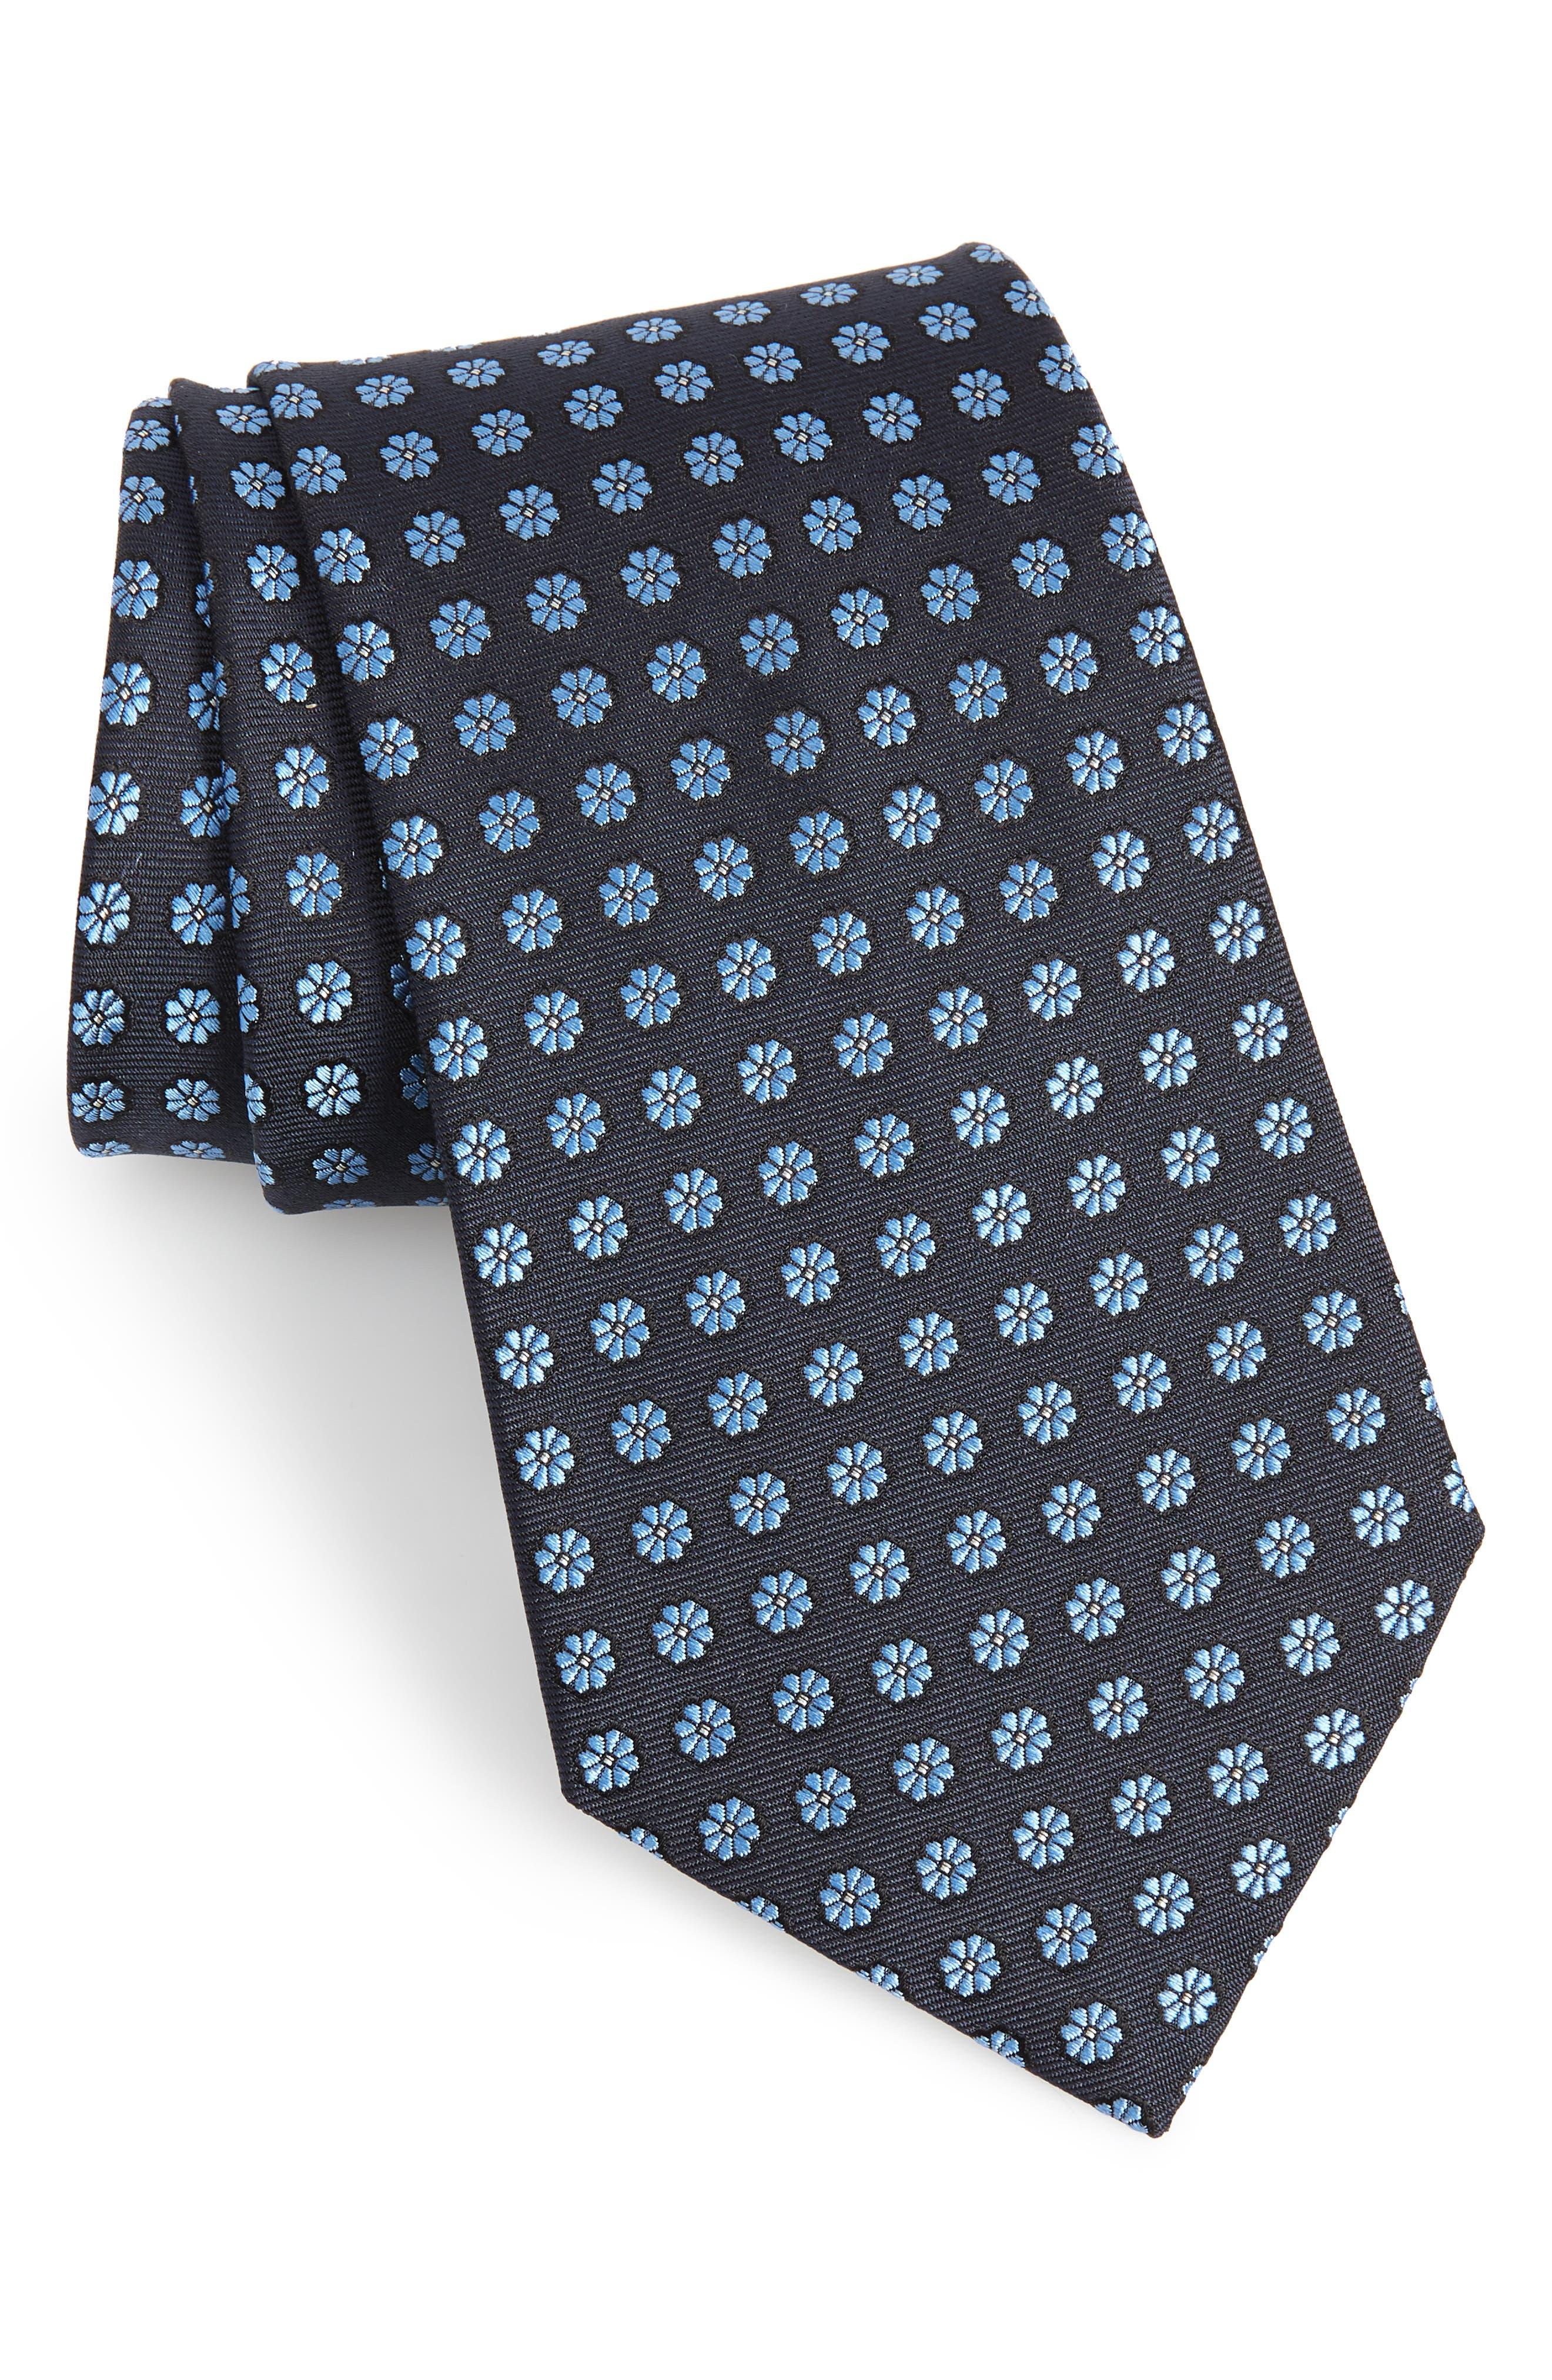 ERMENEGILDO ZEGNA Floral Silk Tie, Main, color, BLUE/ NAVY